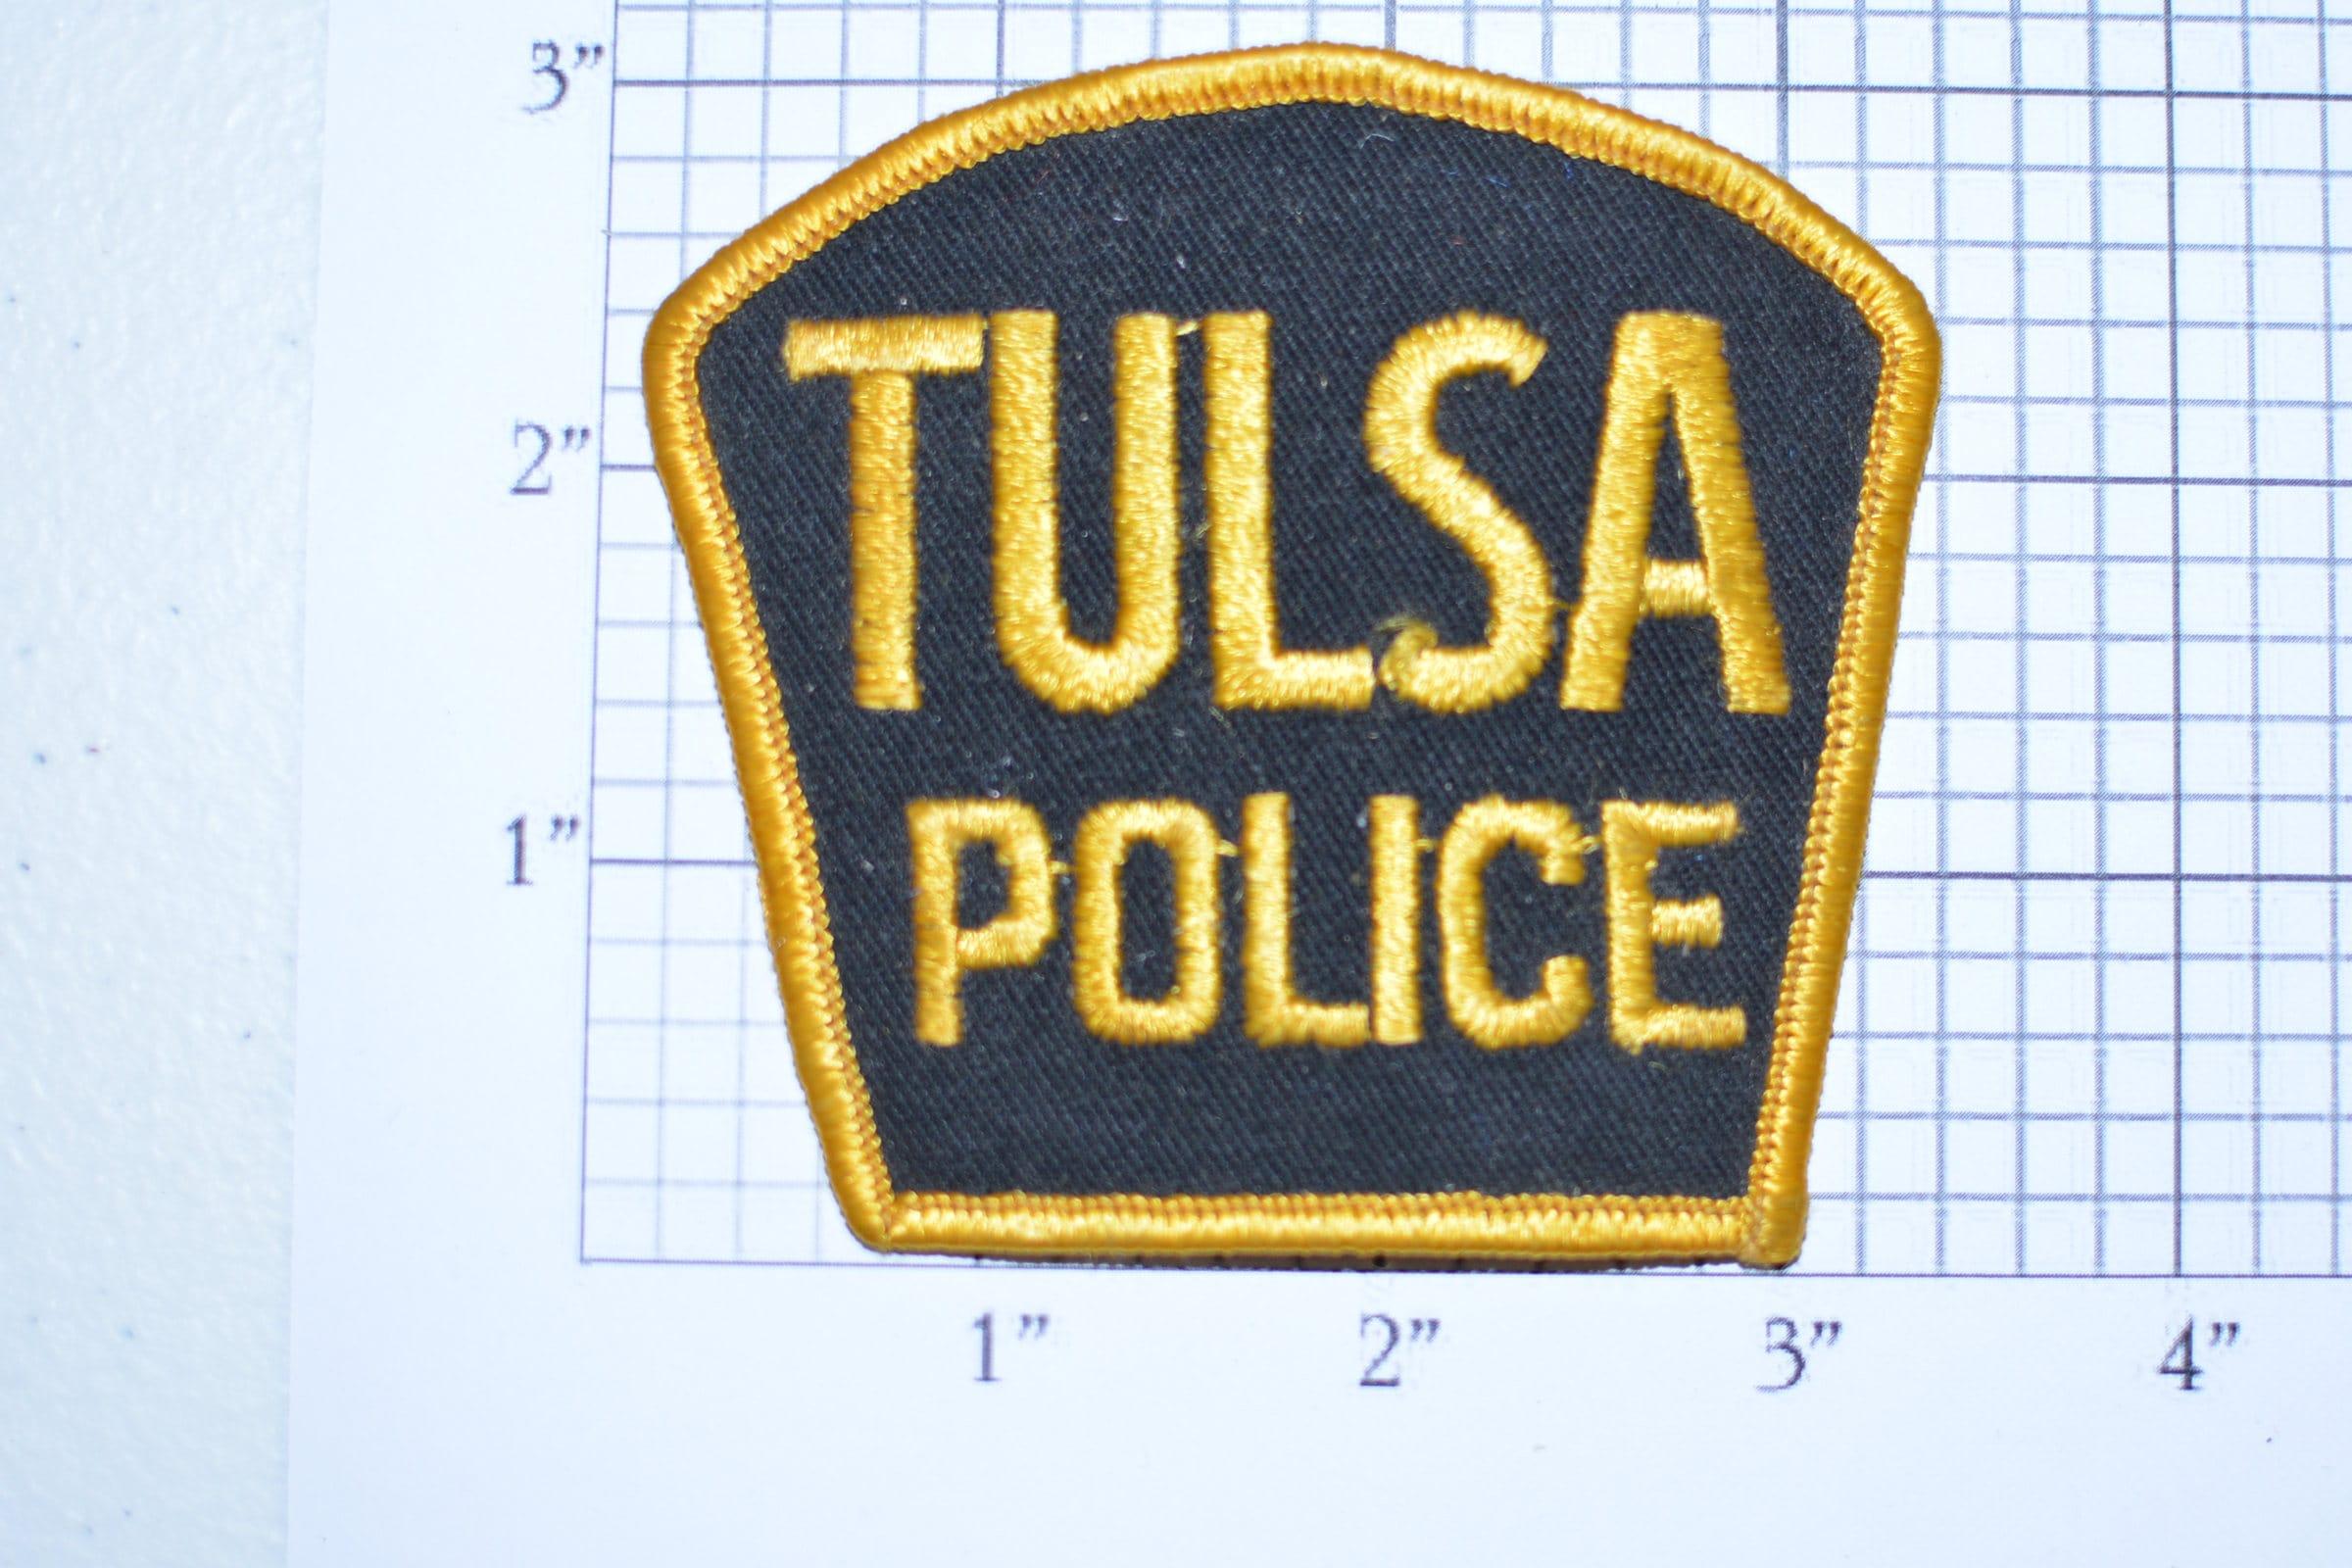 Tulsa oklahoma police very rare sew on vintage embroidered